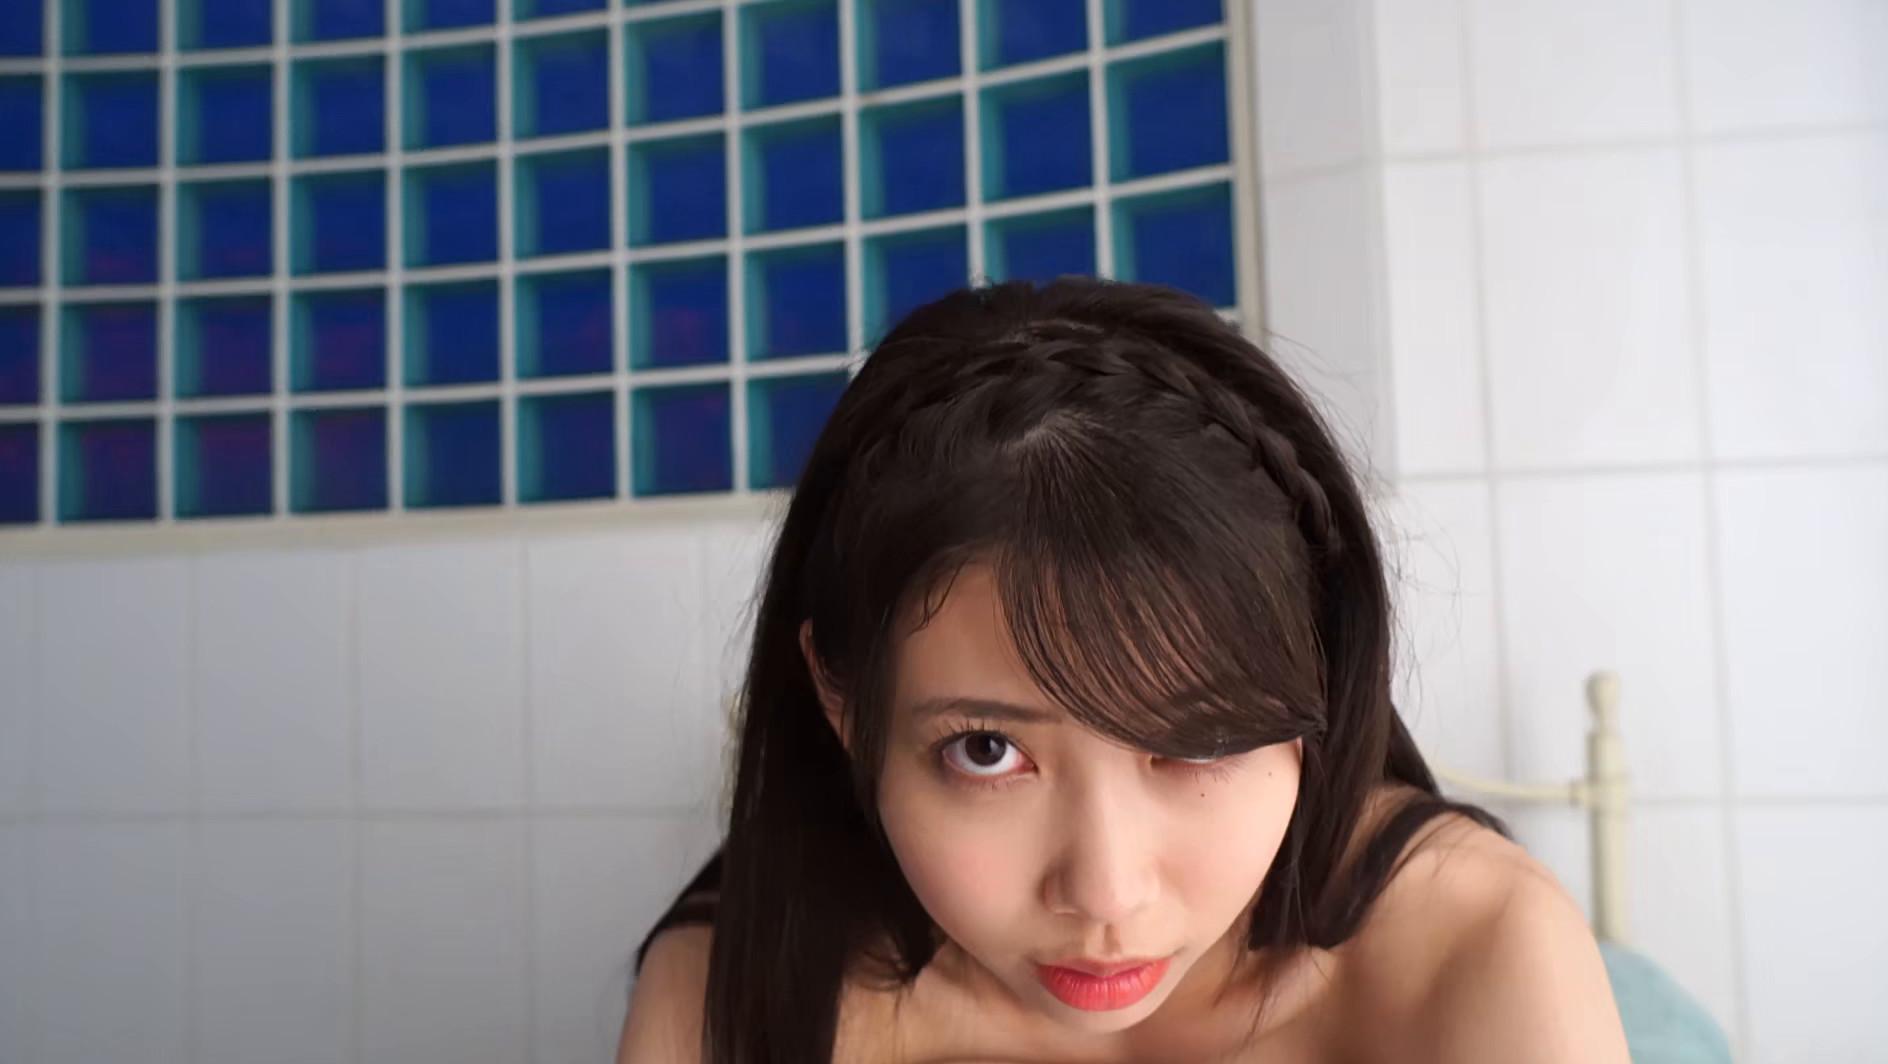 やさしく教えて!ちはる先生 里見千春,のサンプル画像24